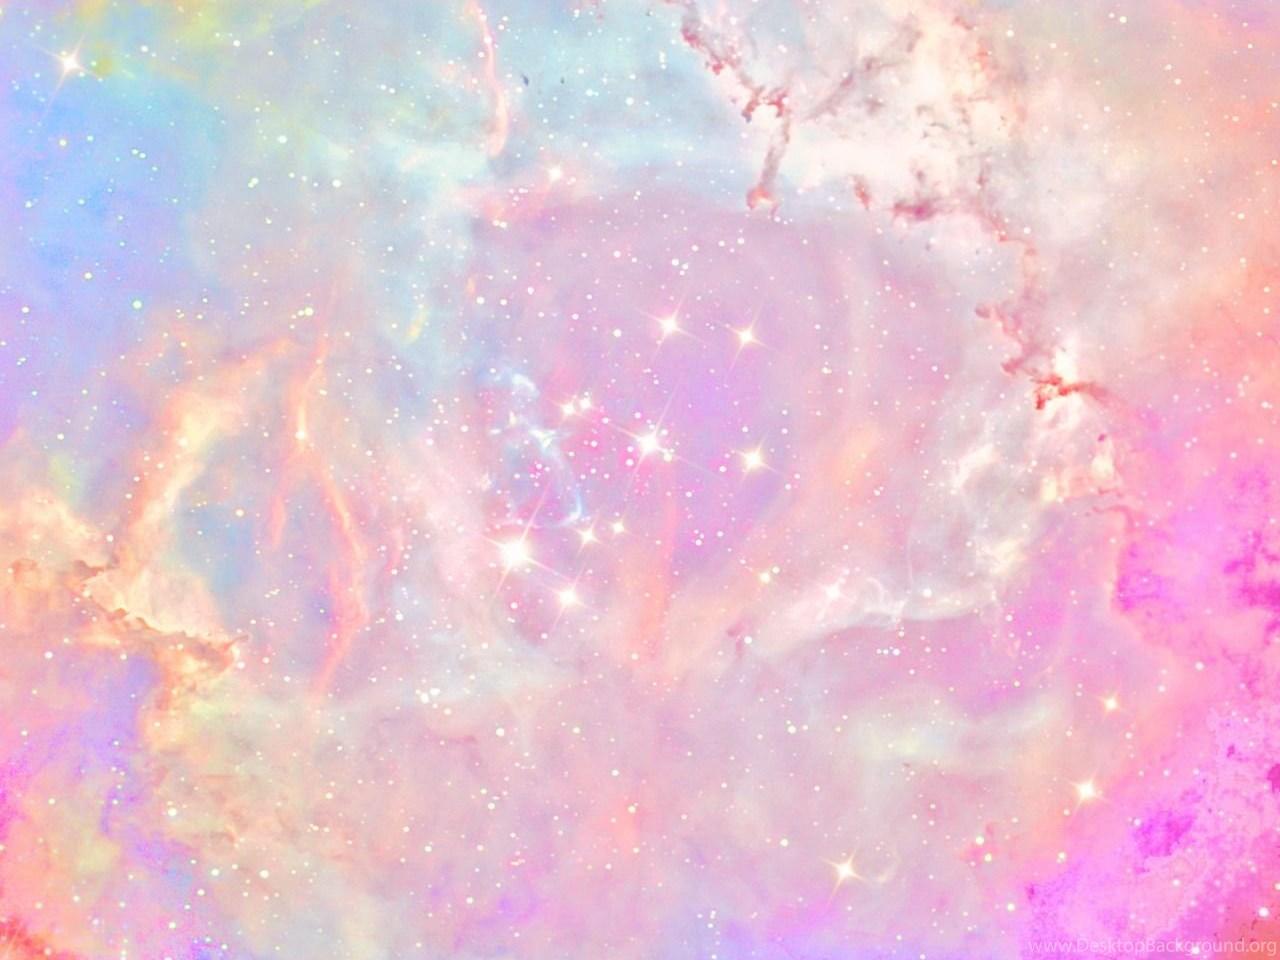 30 + Tumblr Backgrounds For Desktop Desktop Background